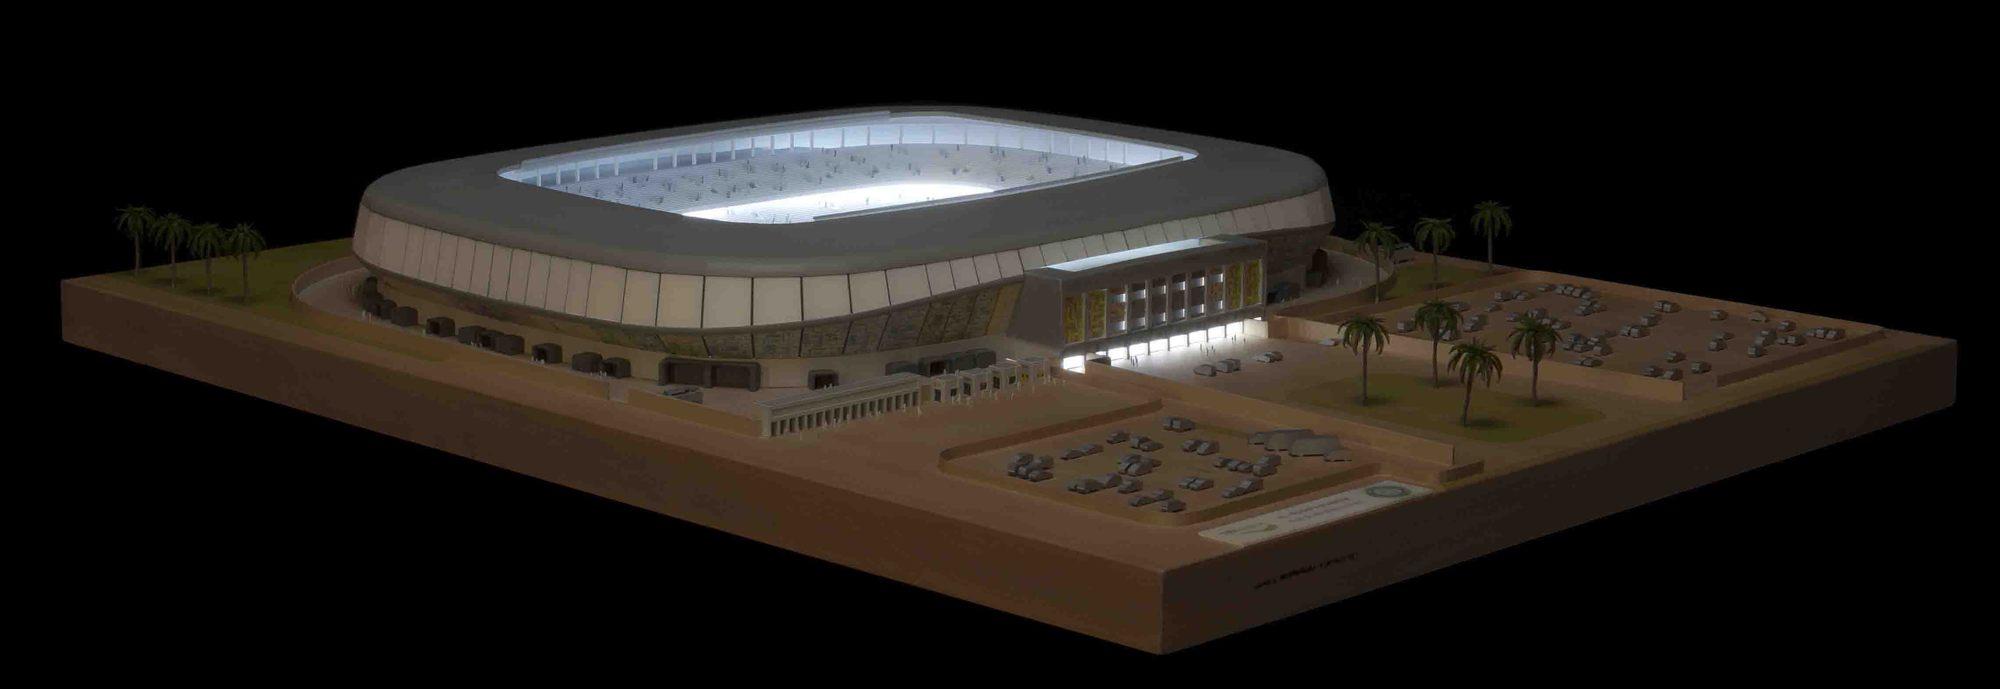 Ammo Baba Stadium